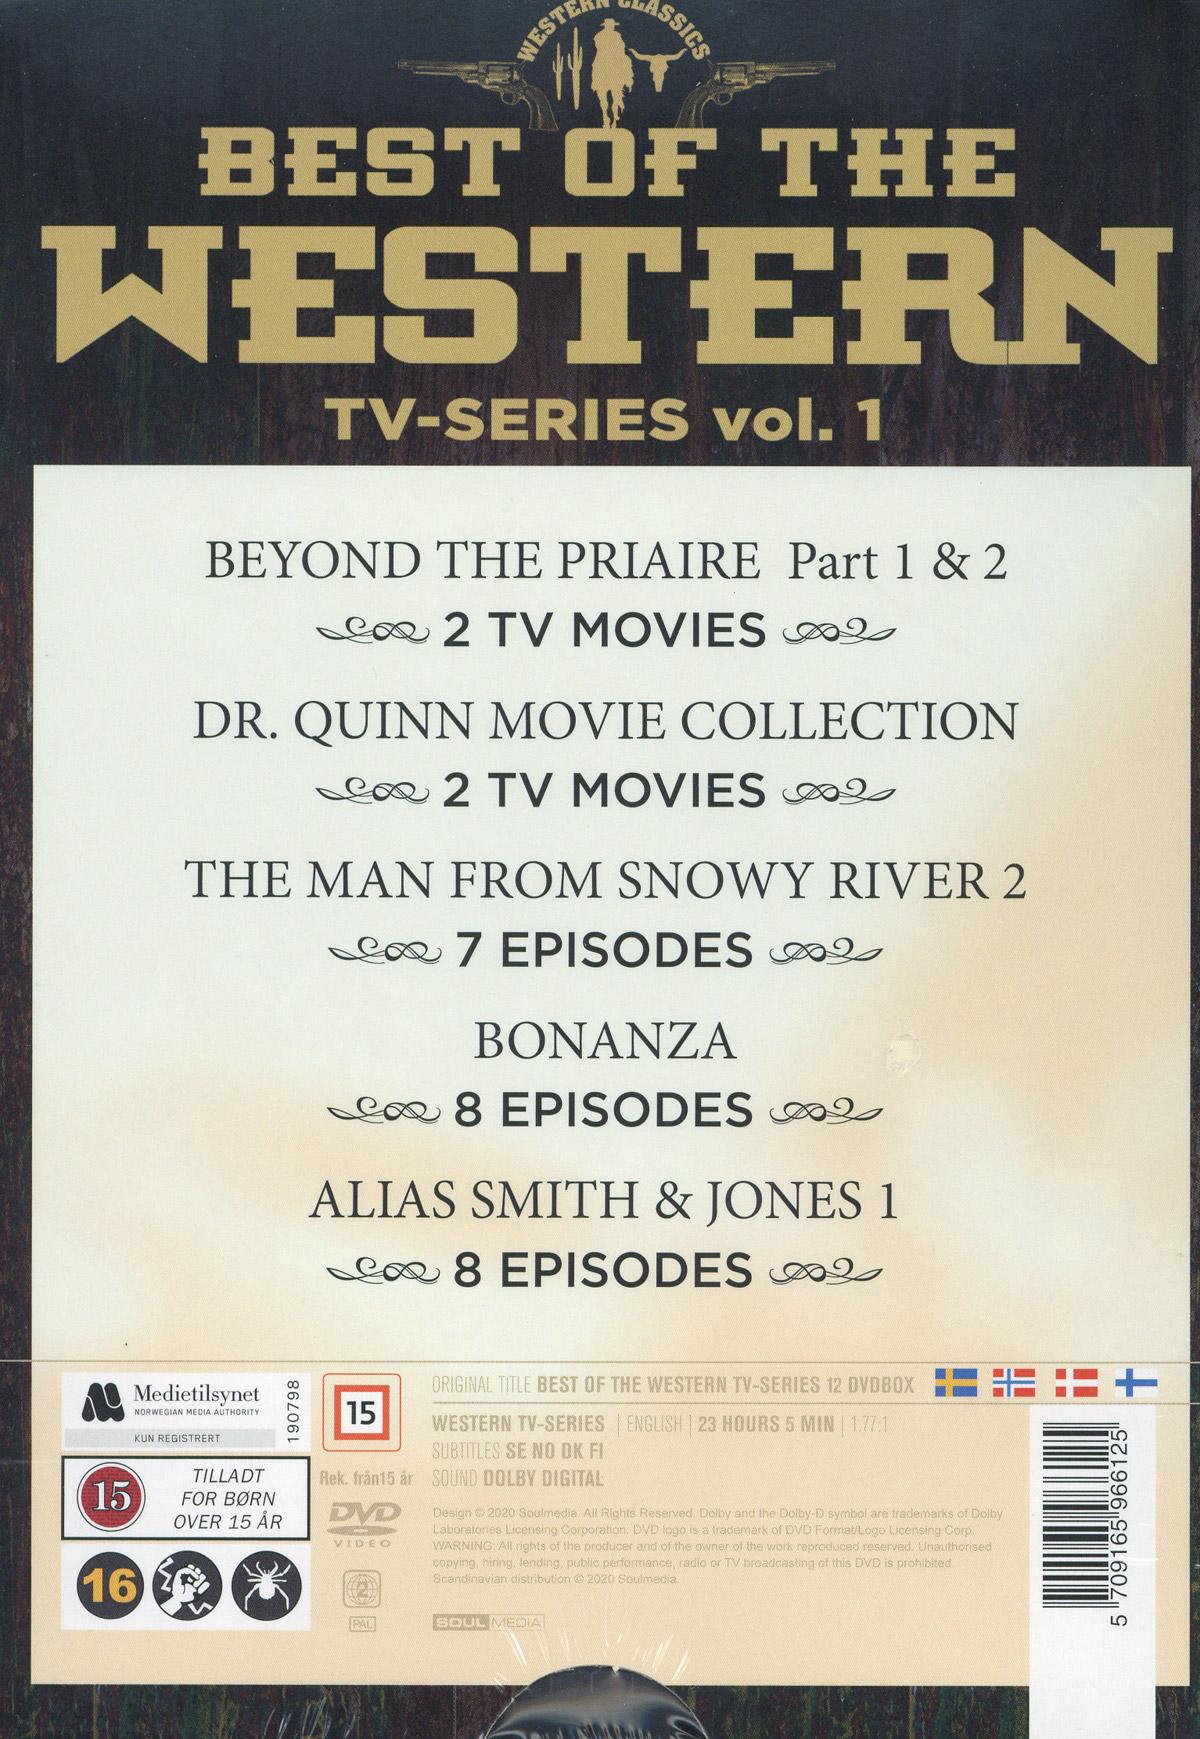 Best of western - TV-series vol 1